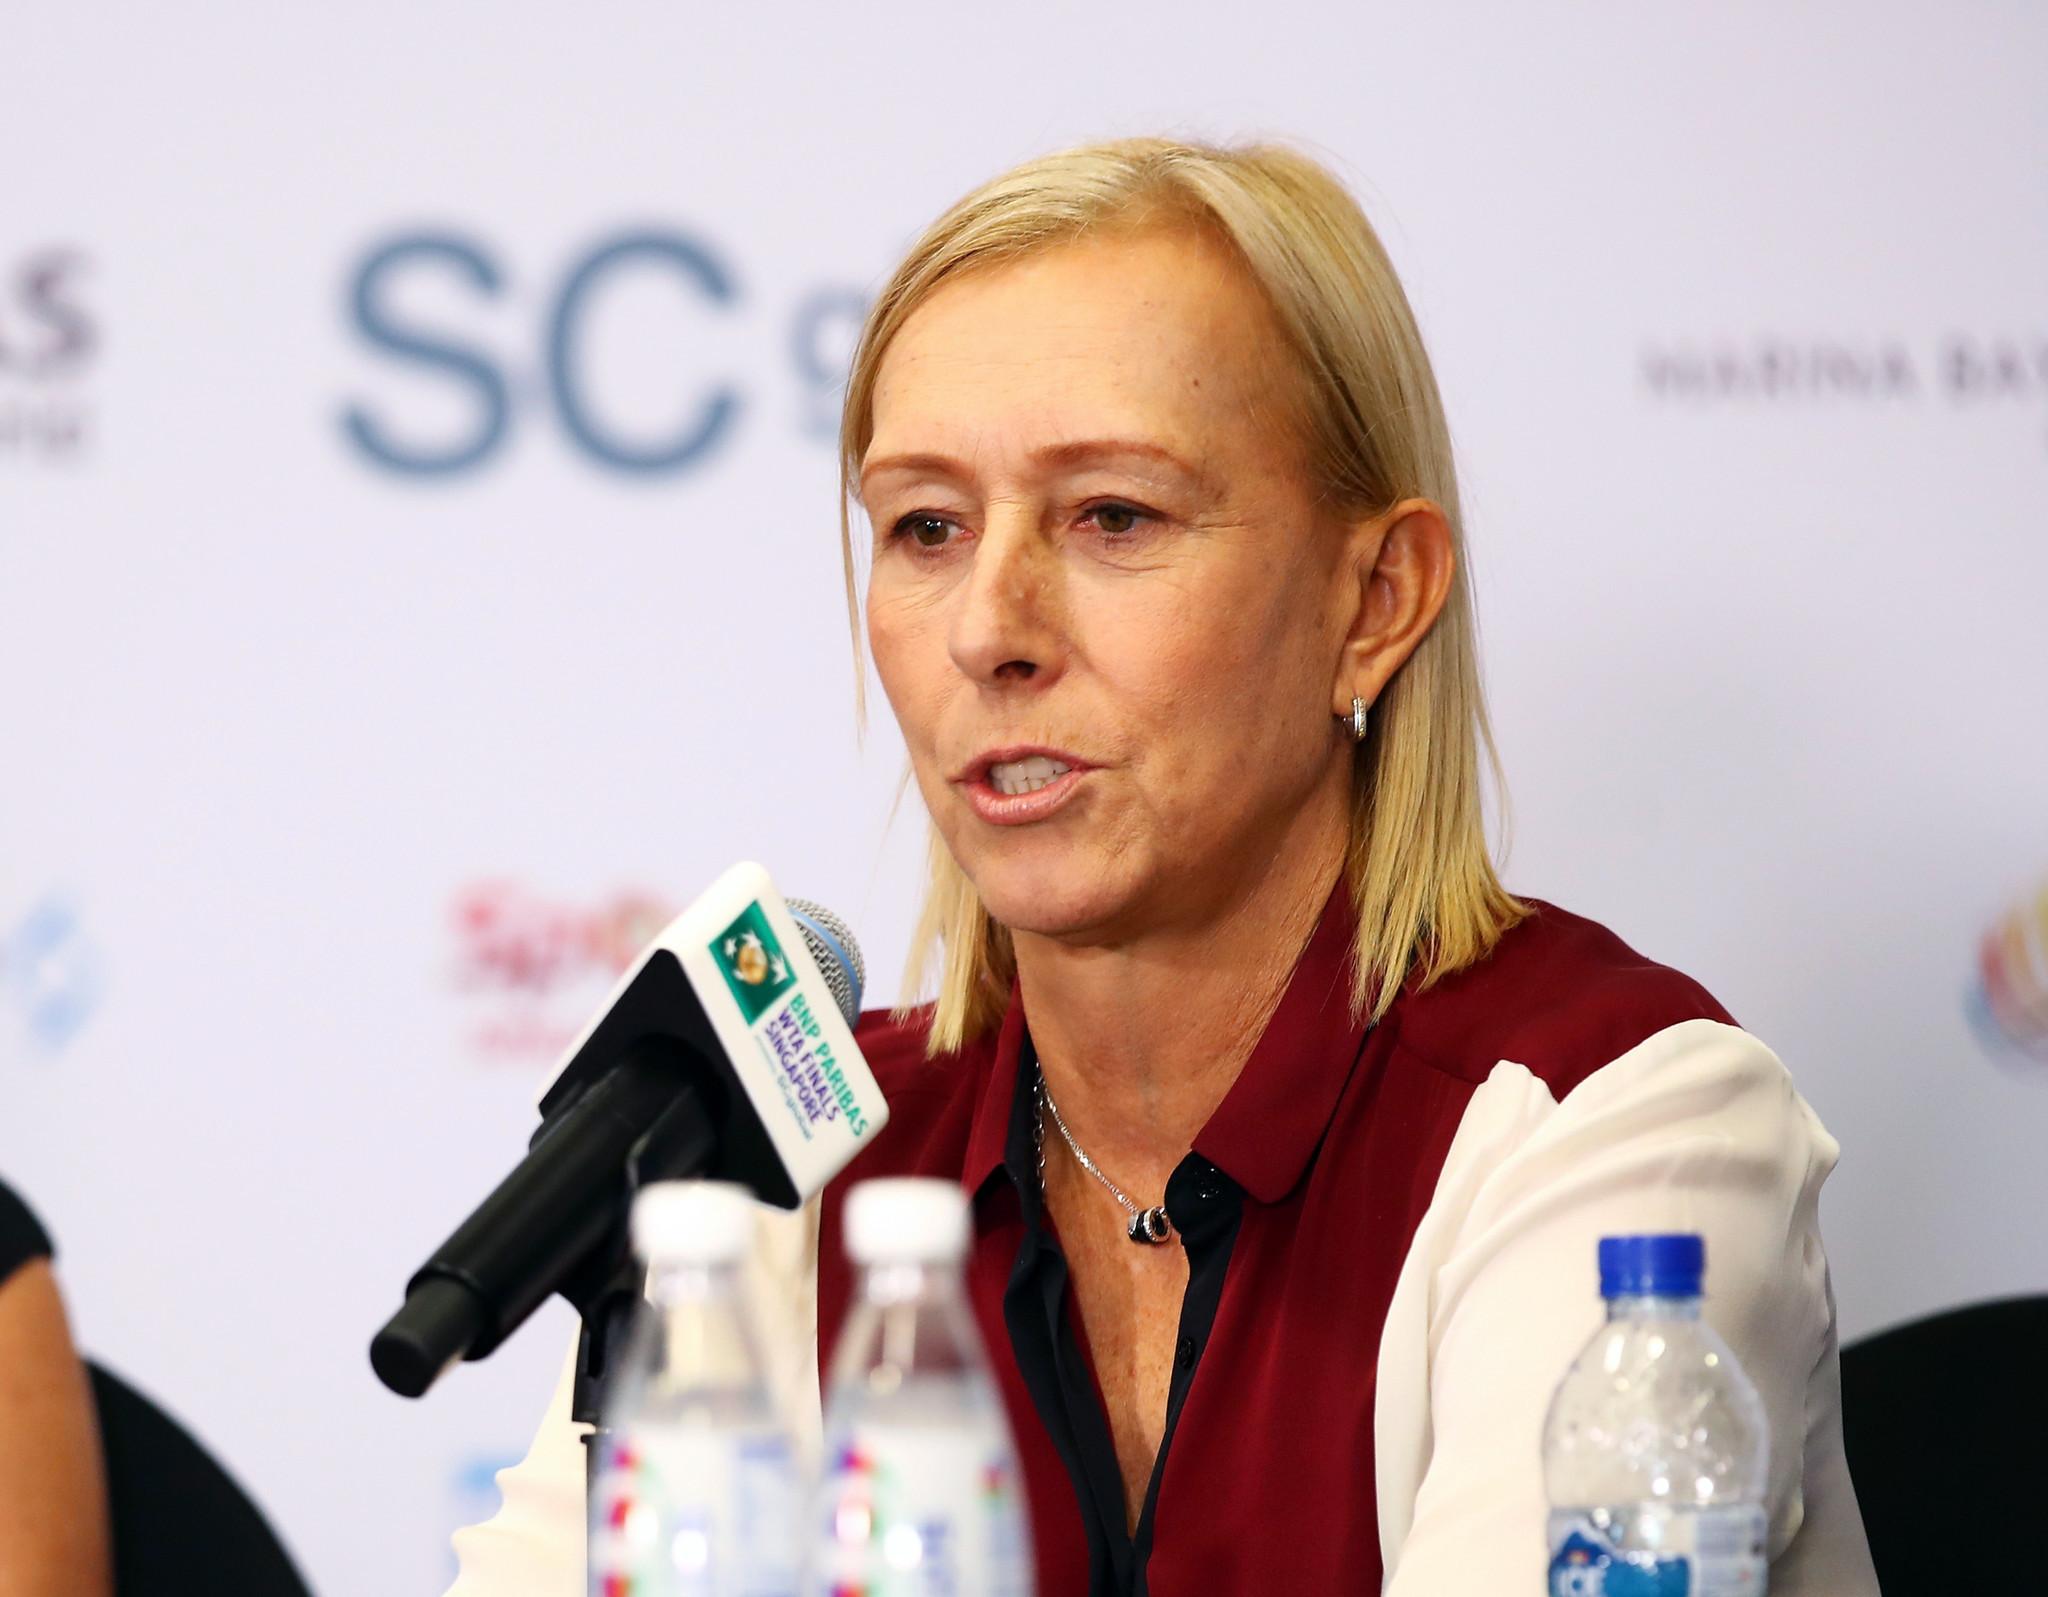 Martina Navratilova and John McEnroe hold protest against Margaret Court during Australian Open